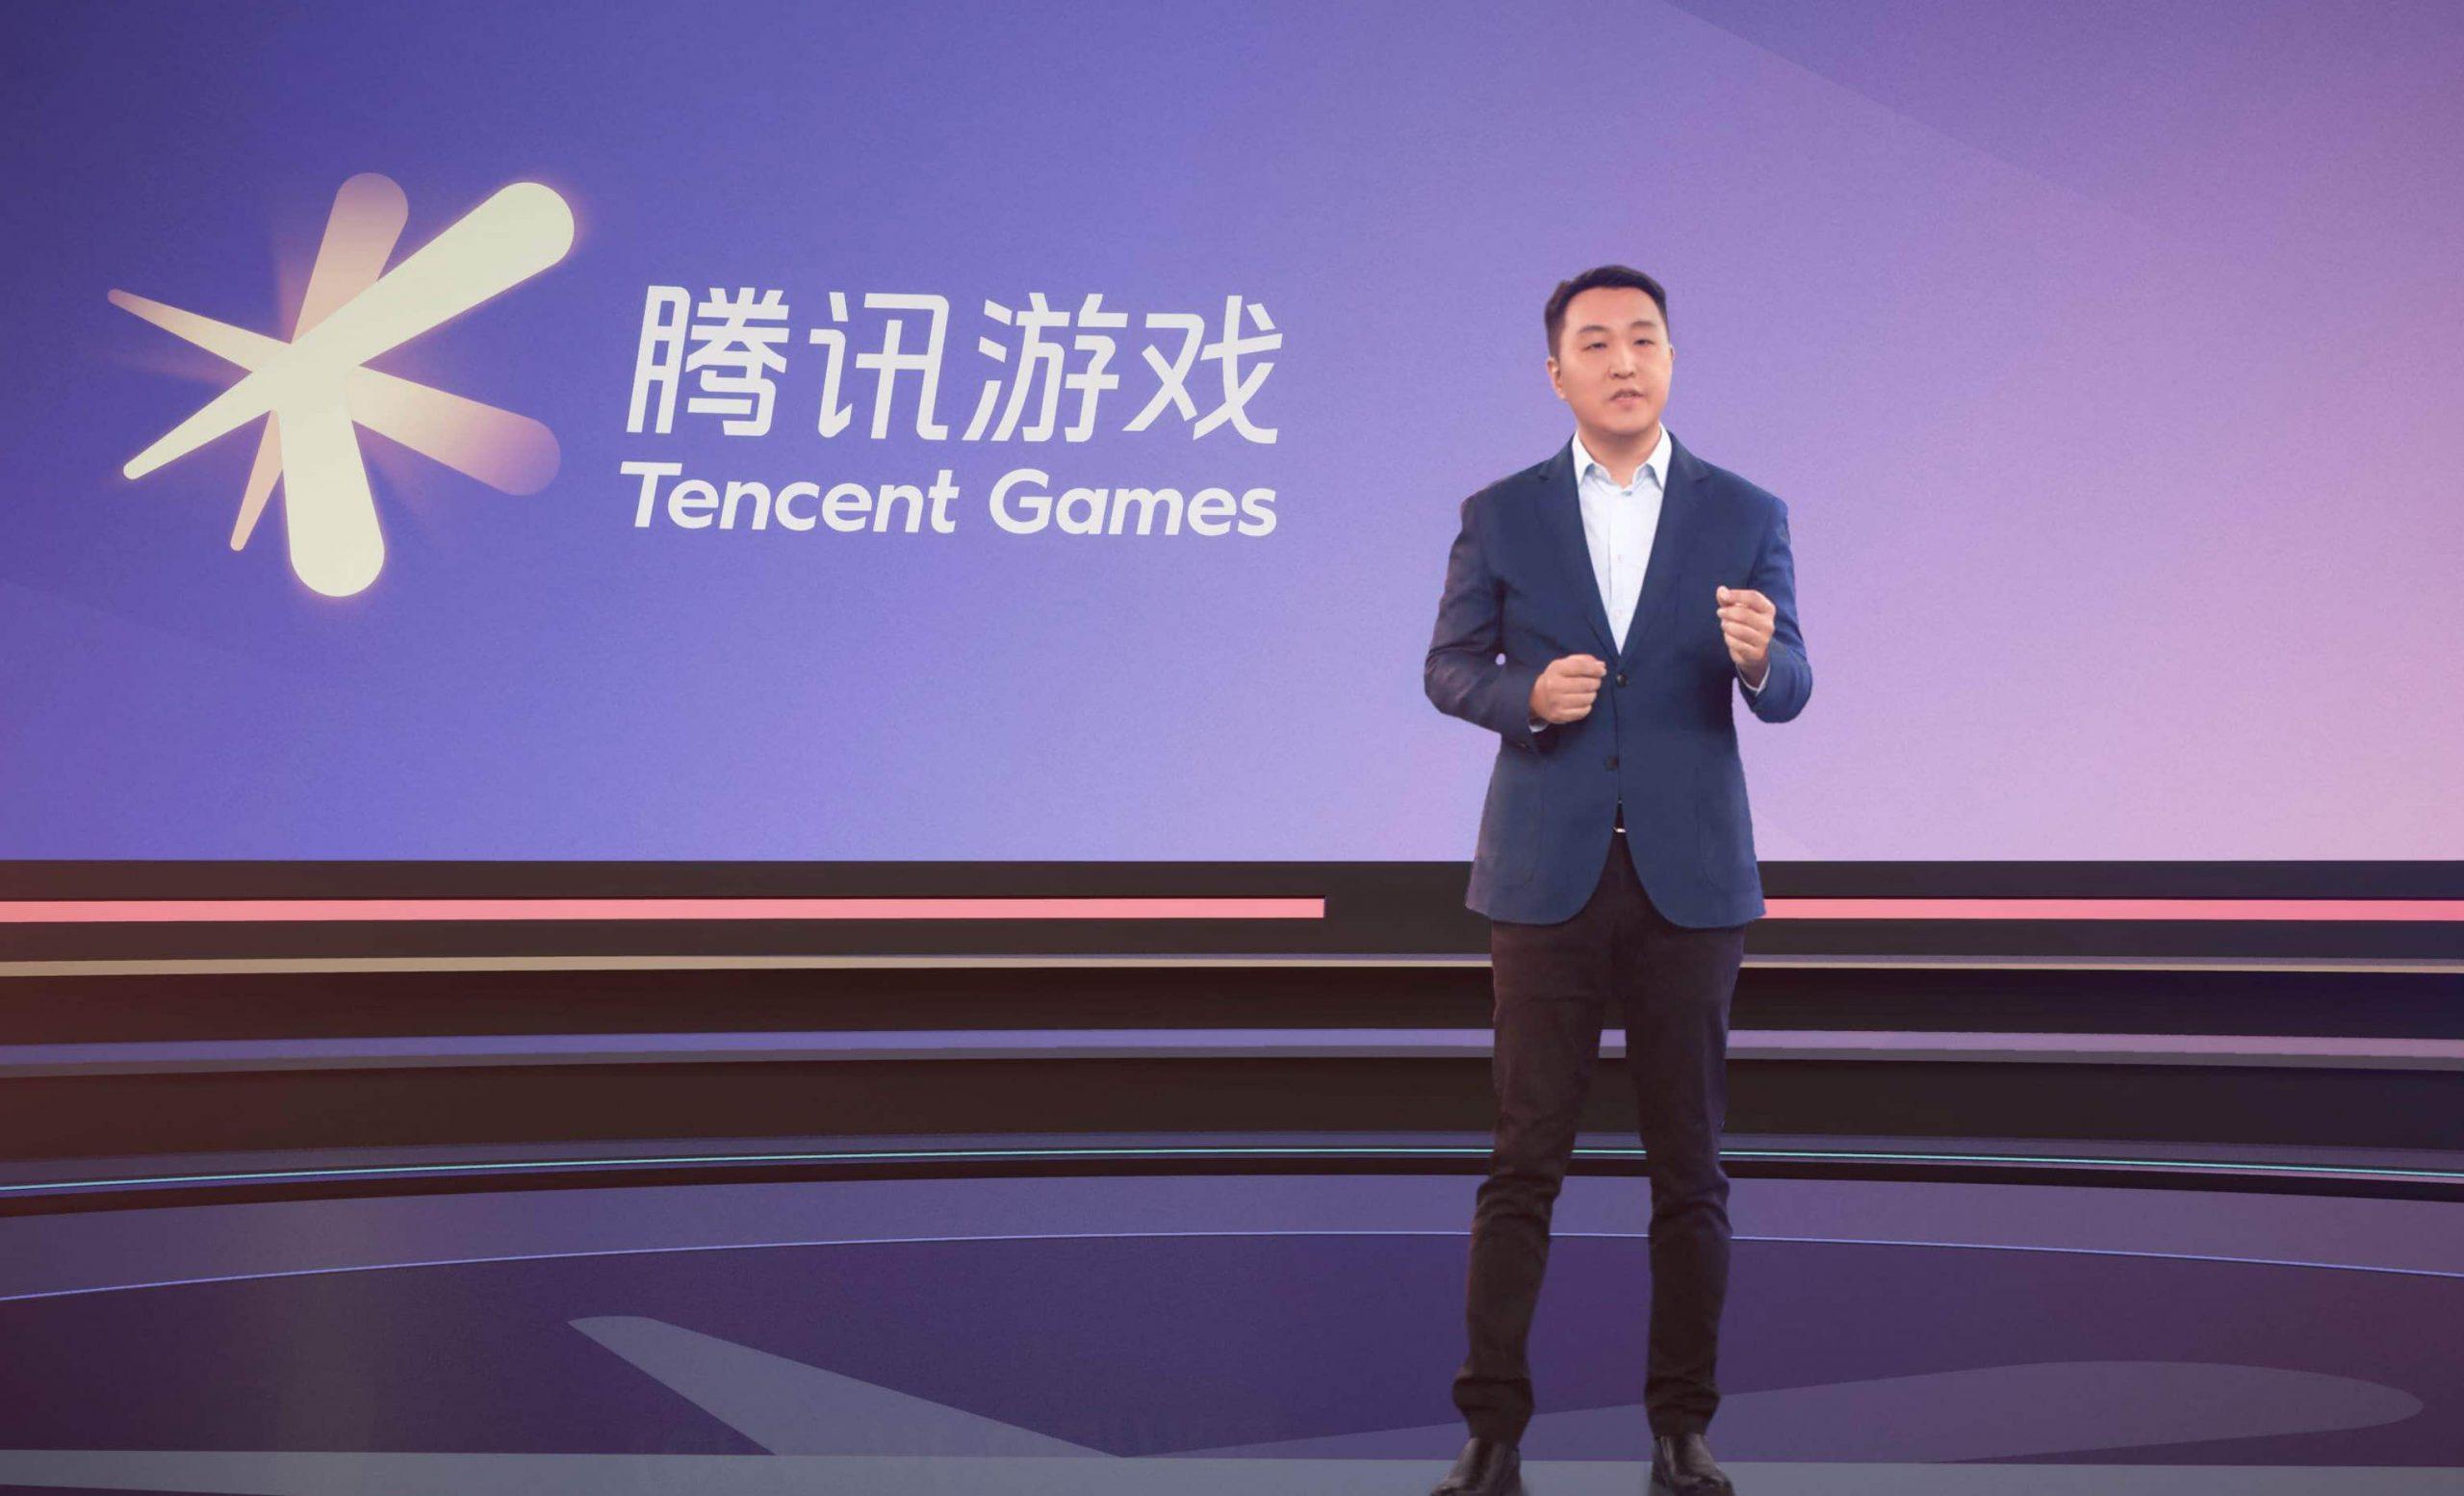 马晓轶谈腾讯游戏全球化、创新与投资、游戏的边界-Gamewower